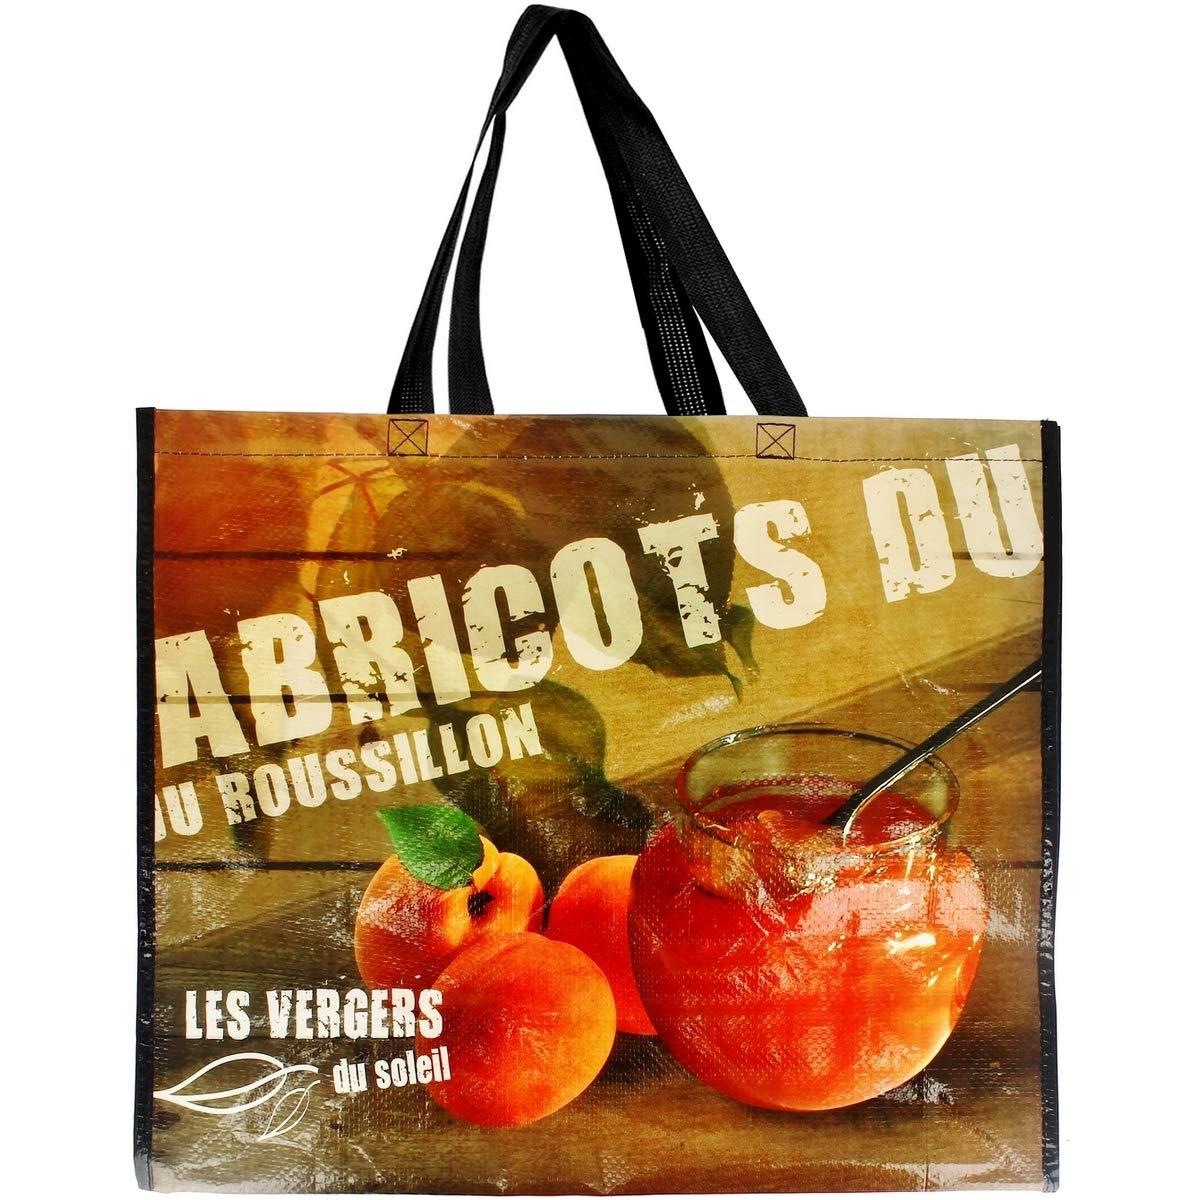 Promobo - Sac Pour Course Shopping Cabas Collection Du Terroir Abricots sacterroirabricot